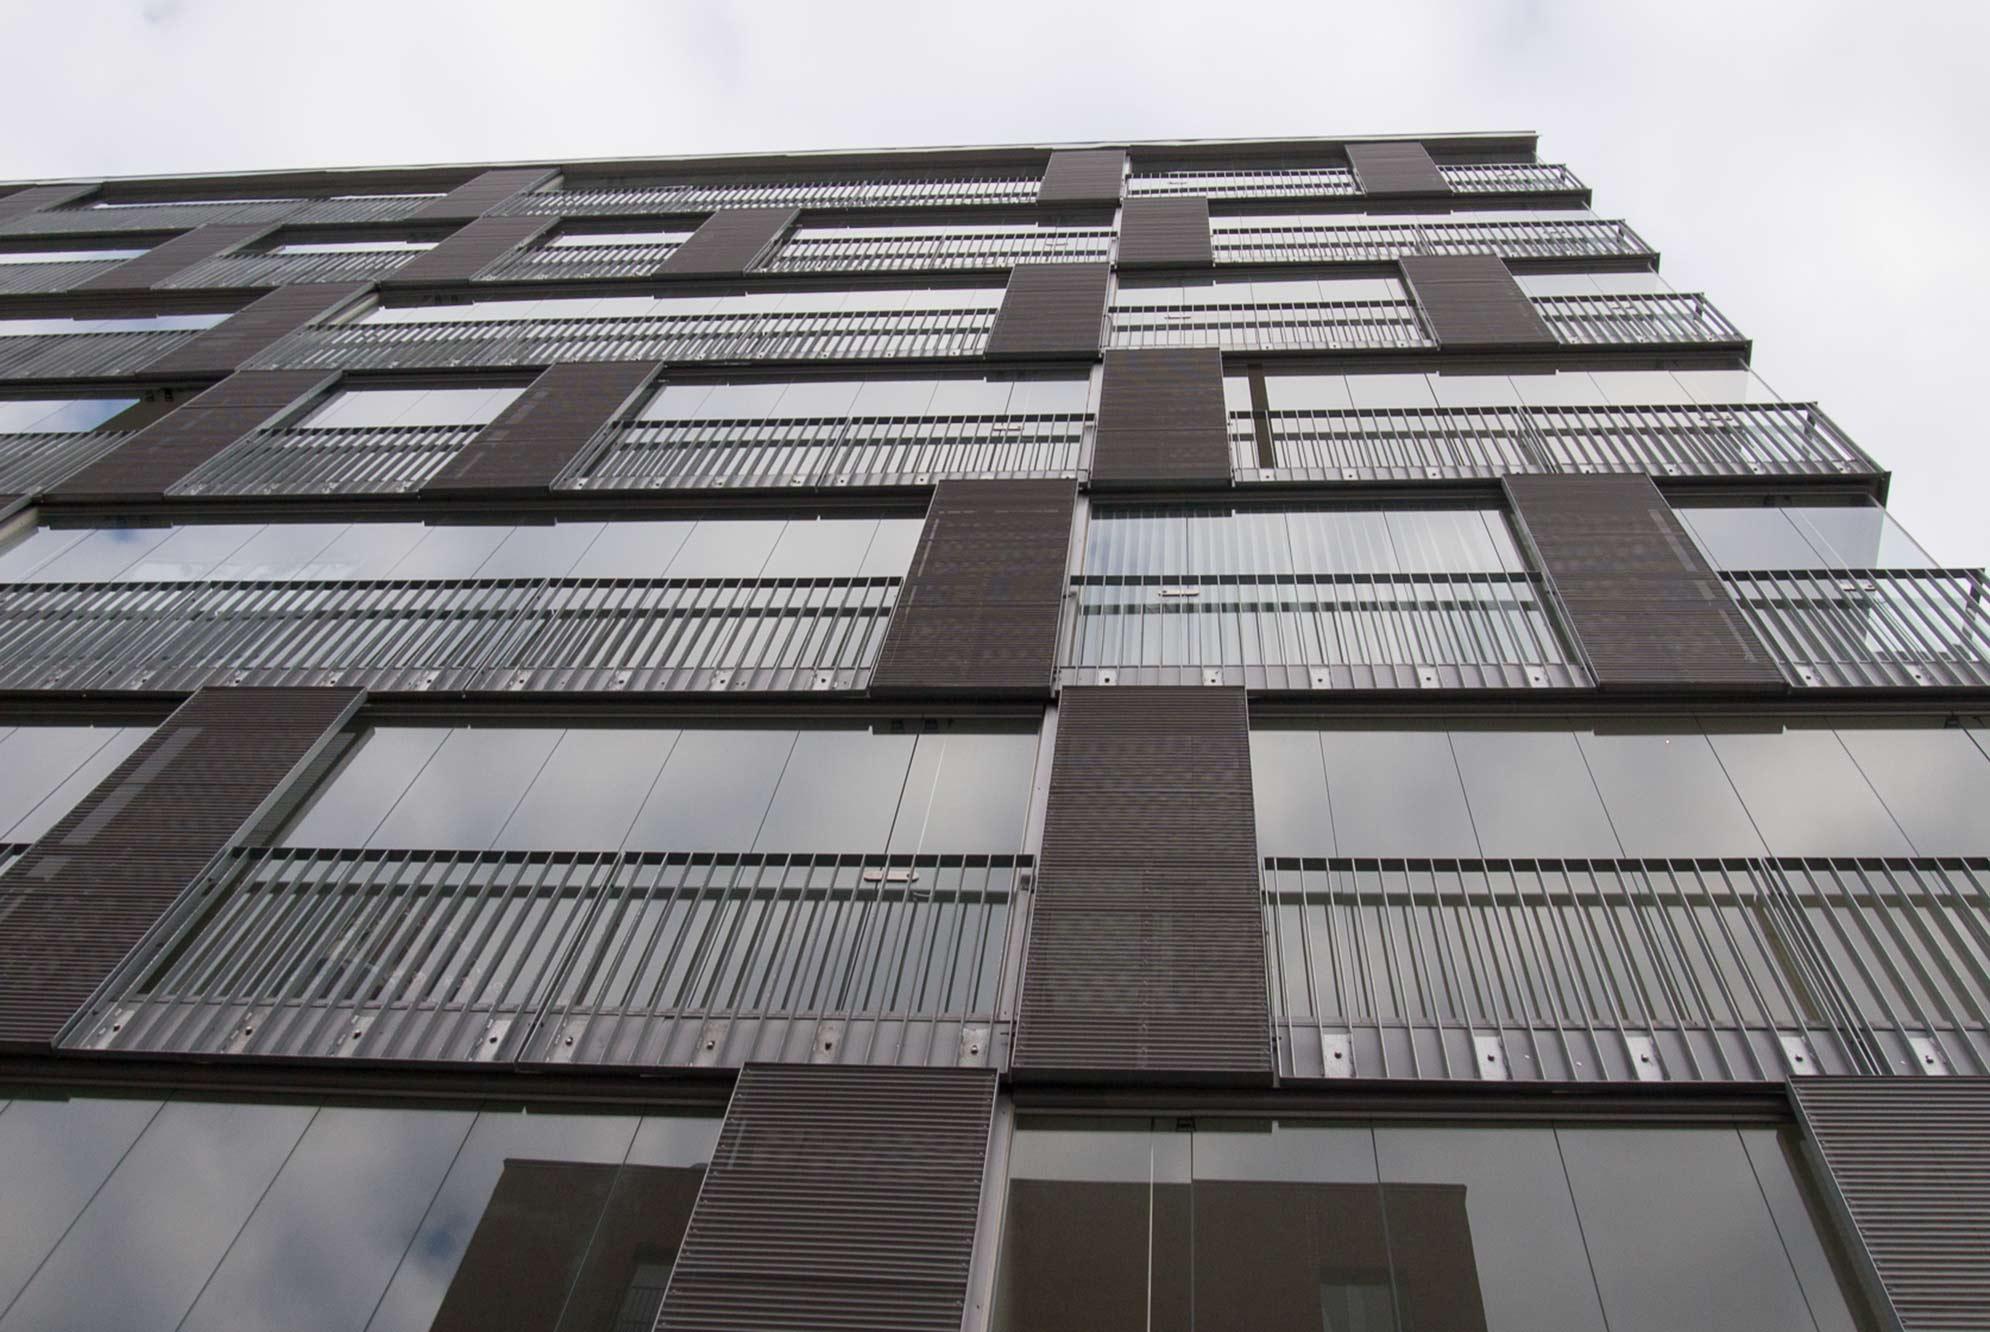 edificios-acristalados-Lumon-norte-europa-12